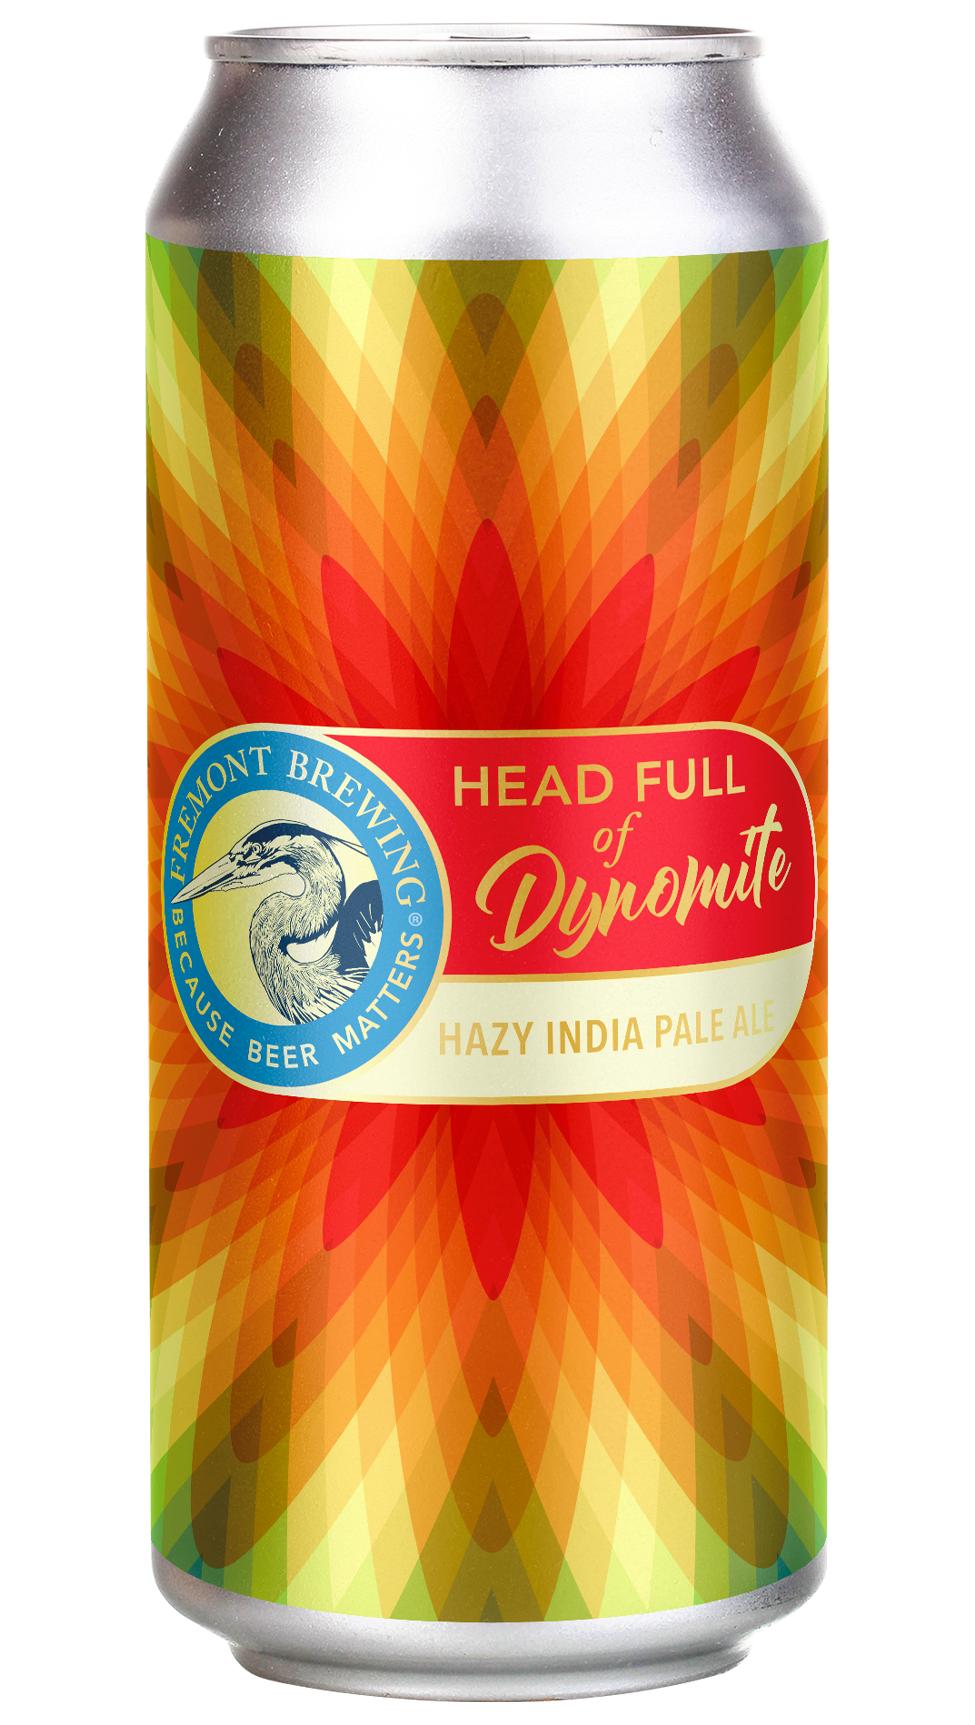 Head Full of Dynomite v.12 16 oz can